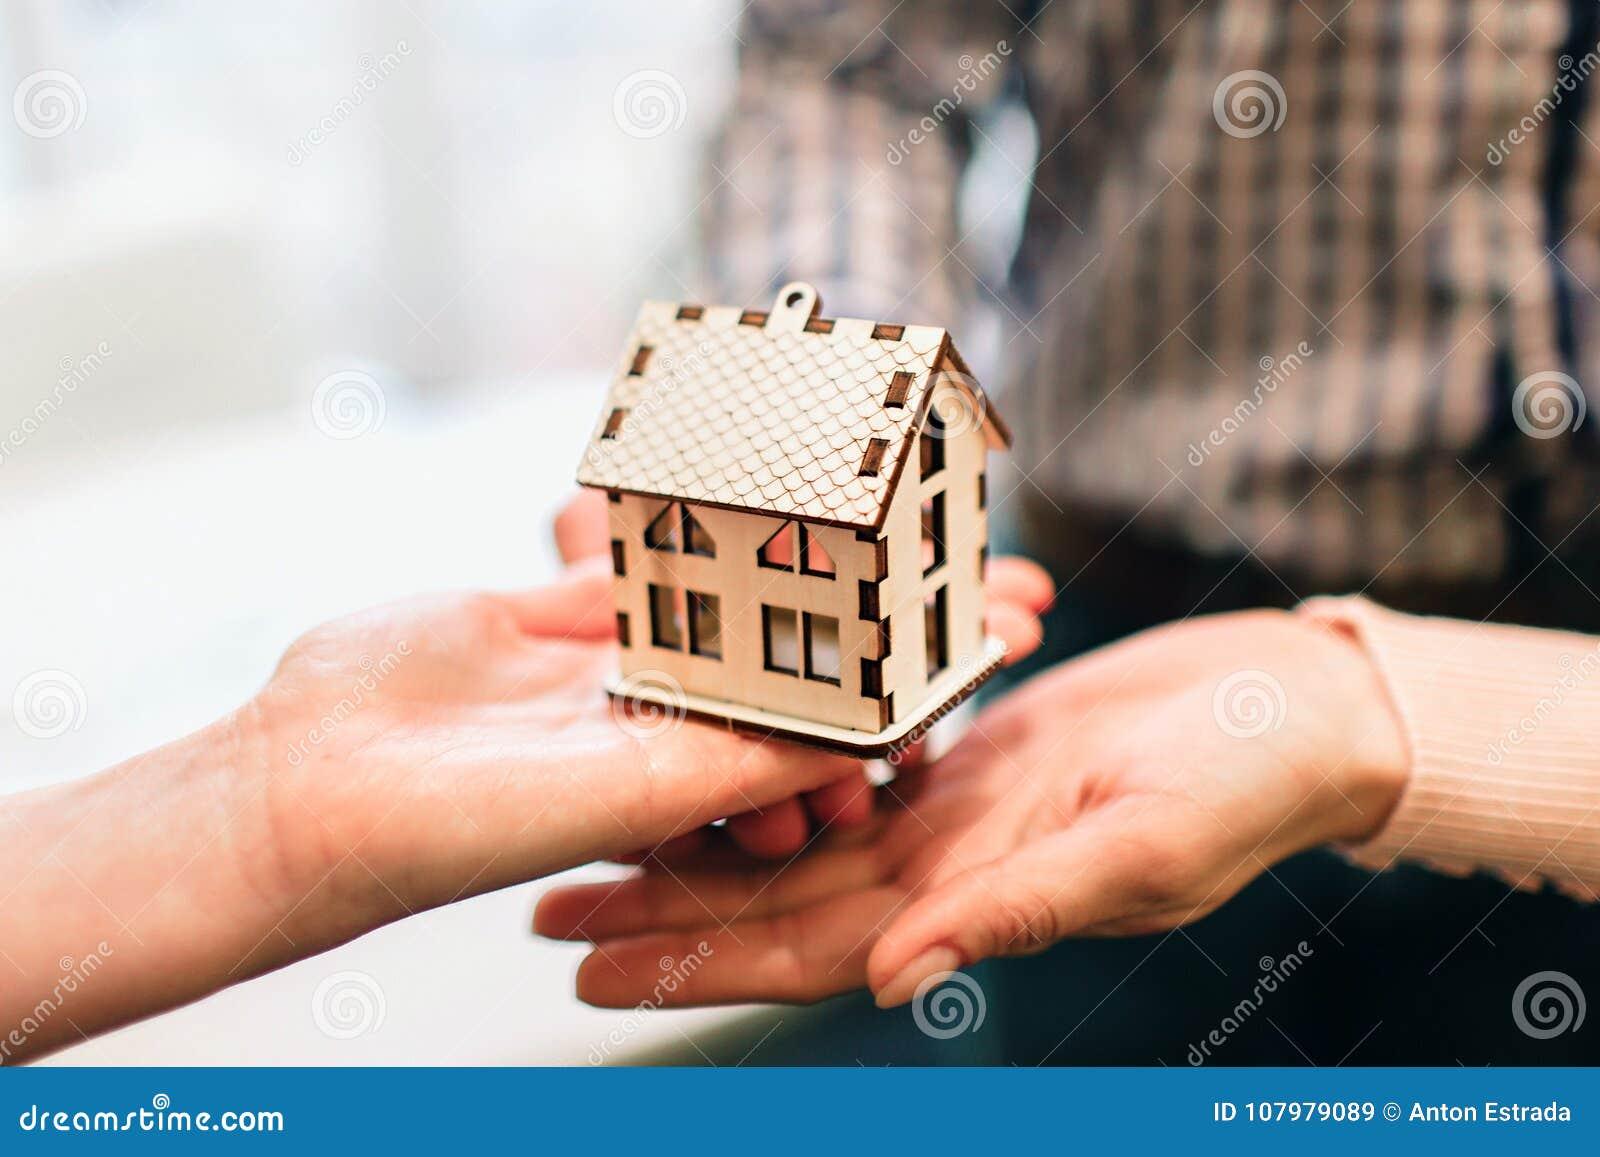 Junge Familienpaare kaufen Immobilien des Mieteigentums Mittel, das Mann und der Frau Beratung gibt Kennzeichnender Vertrag